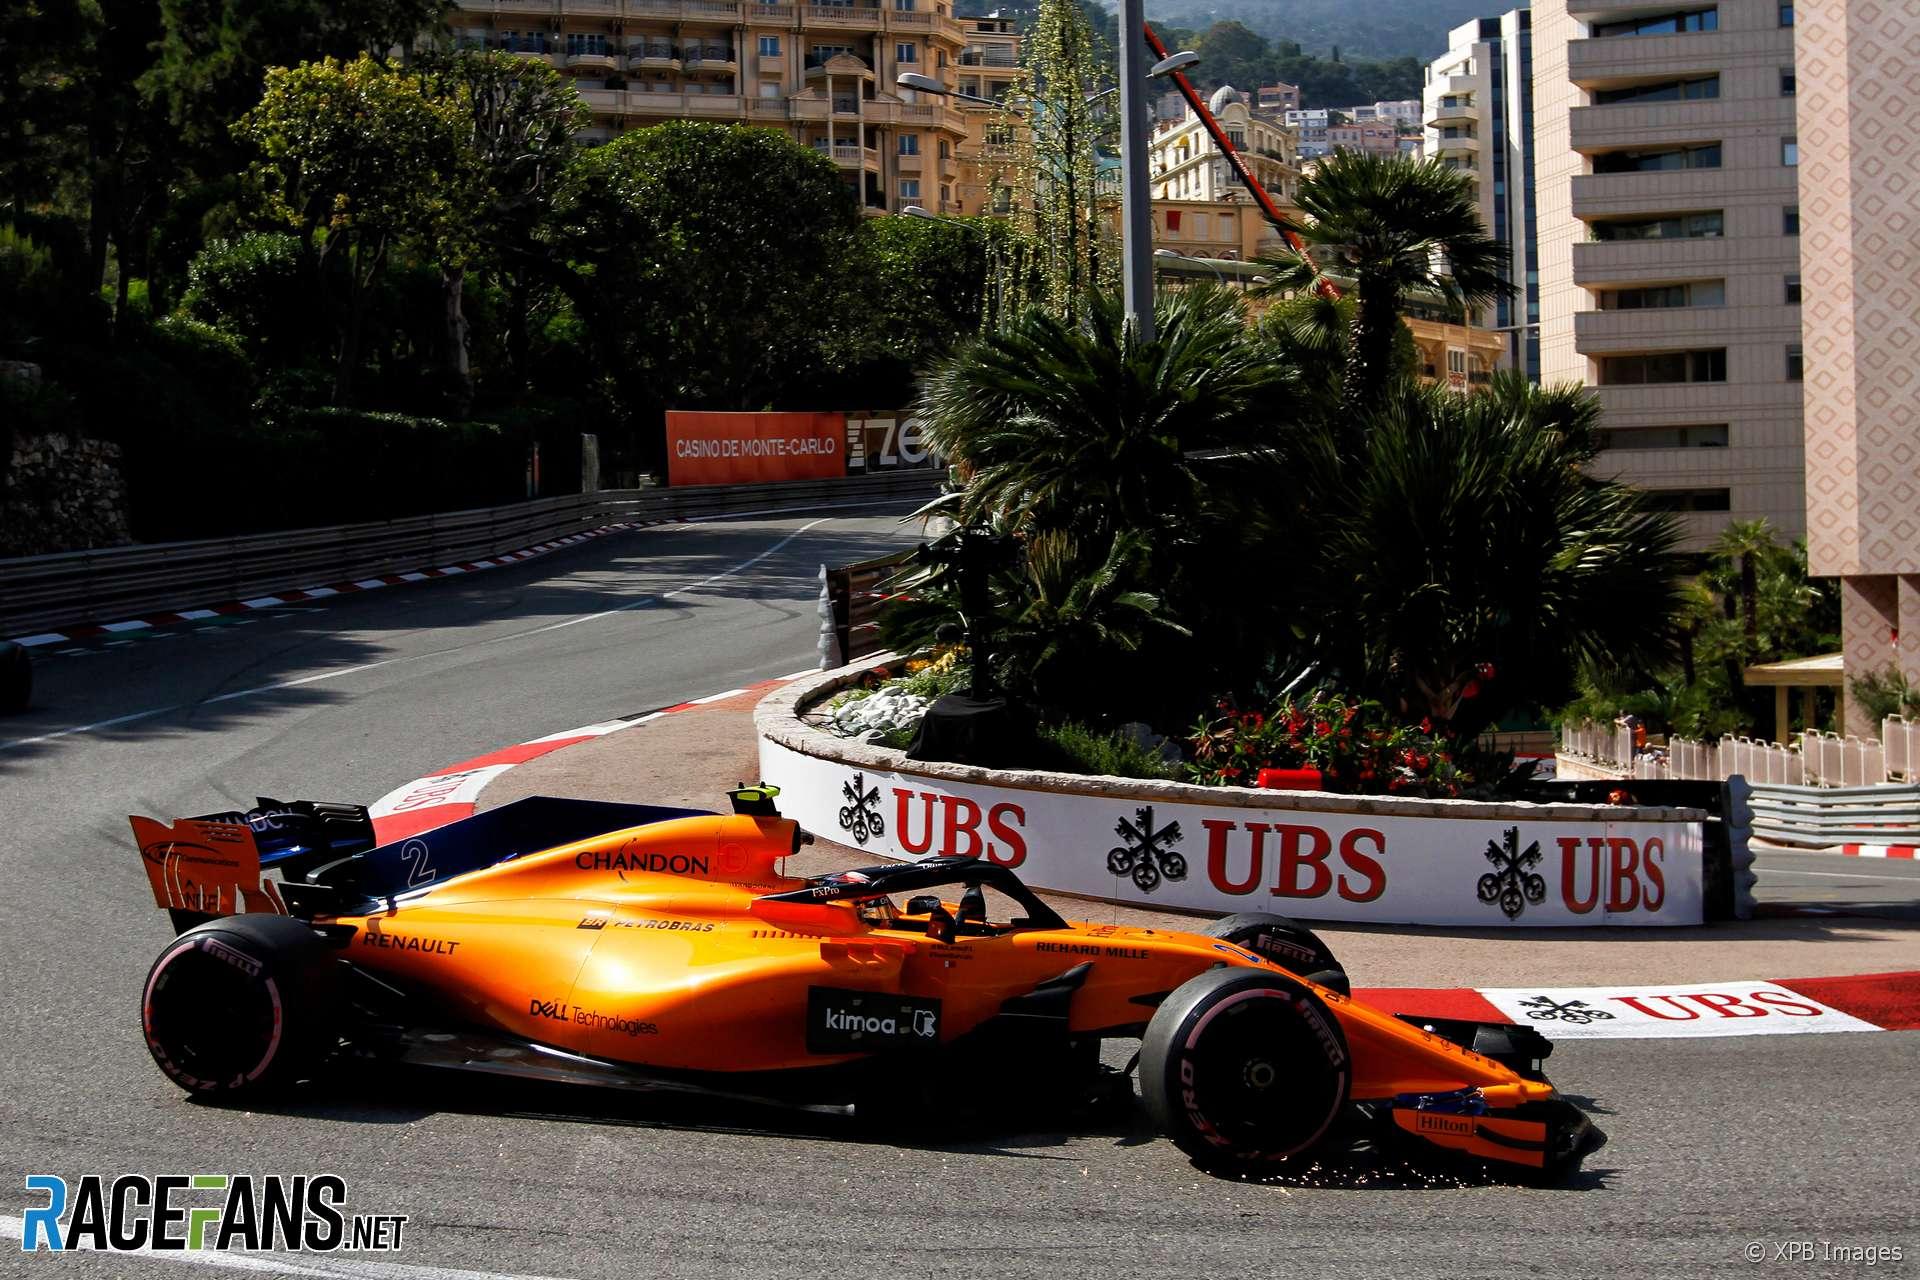 racefansdotnet-20180524-213932-13.jpg